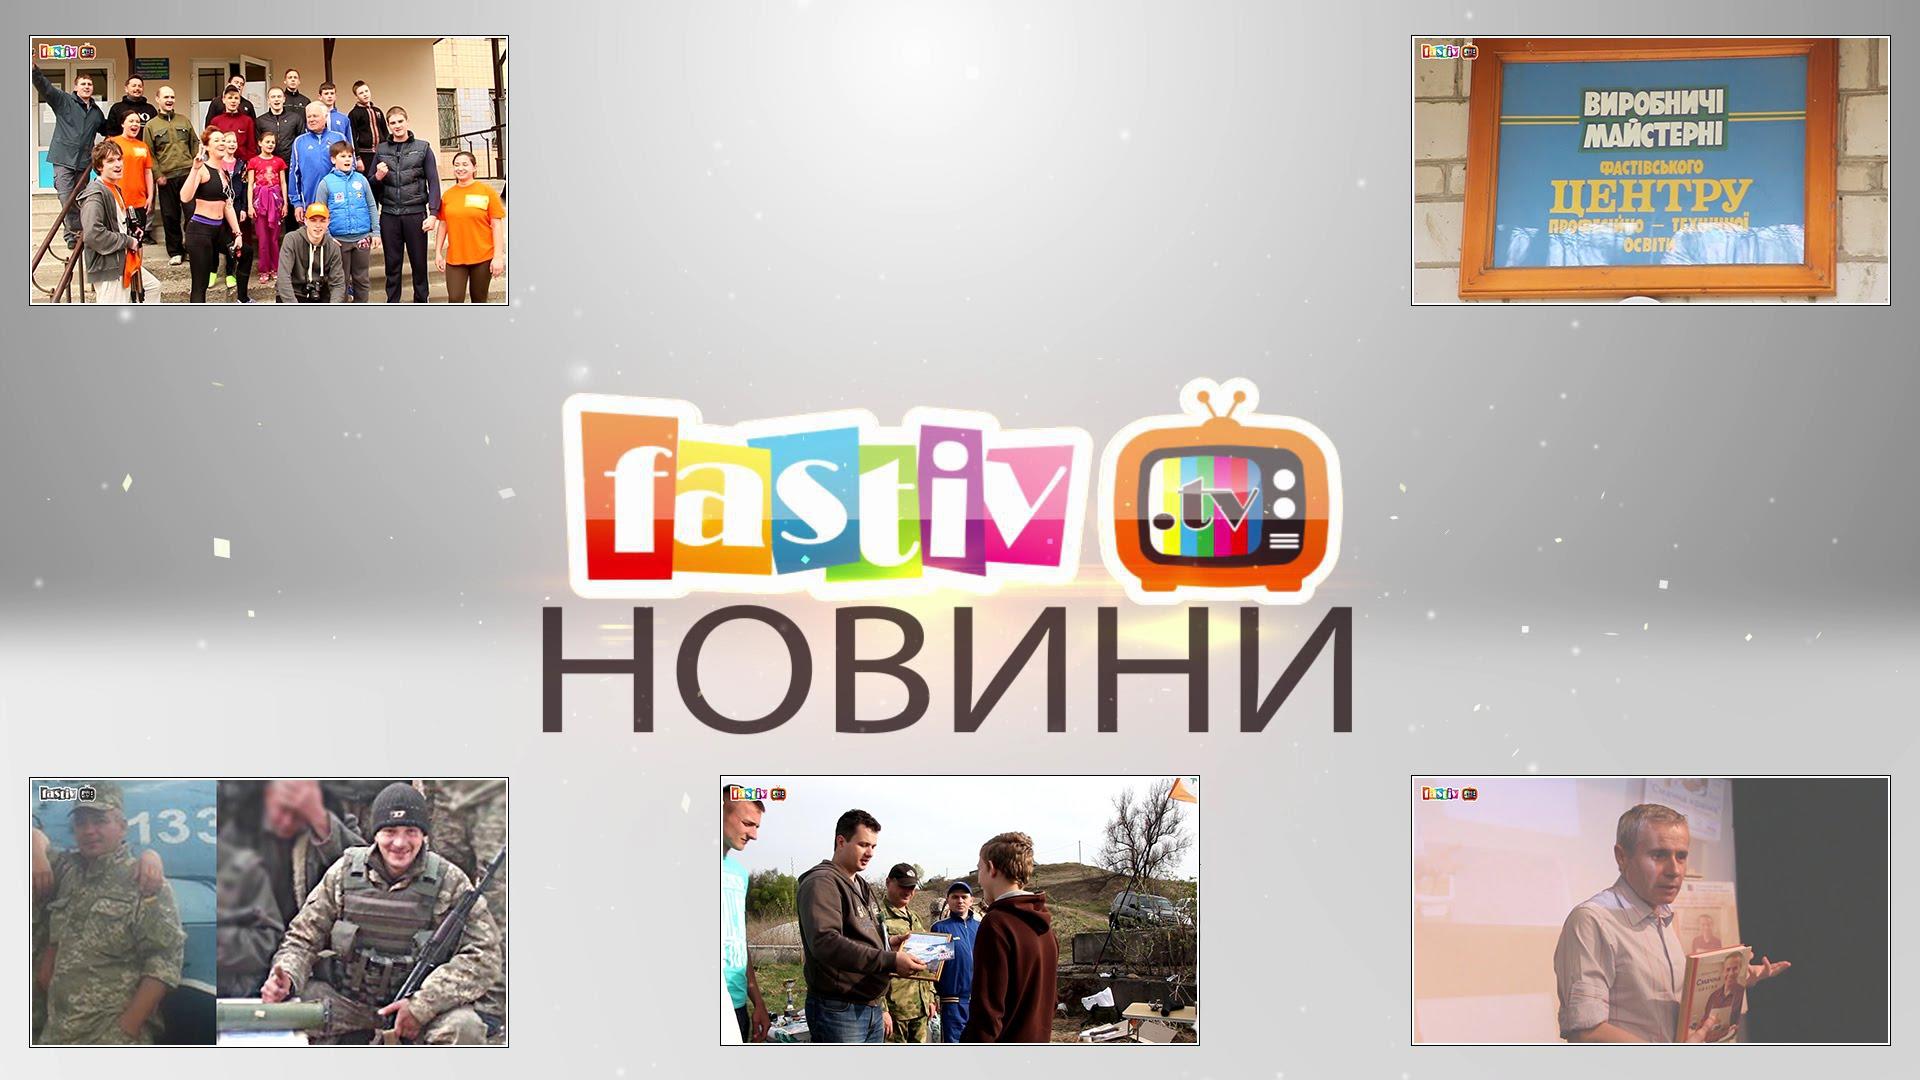 Тижневі підсумки новин від FASTIV.TV 11.04.2016